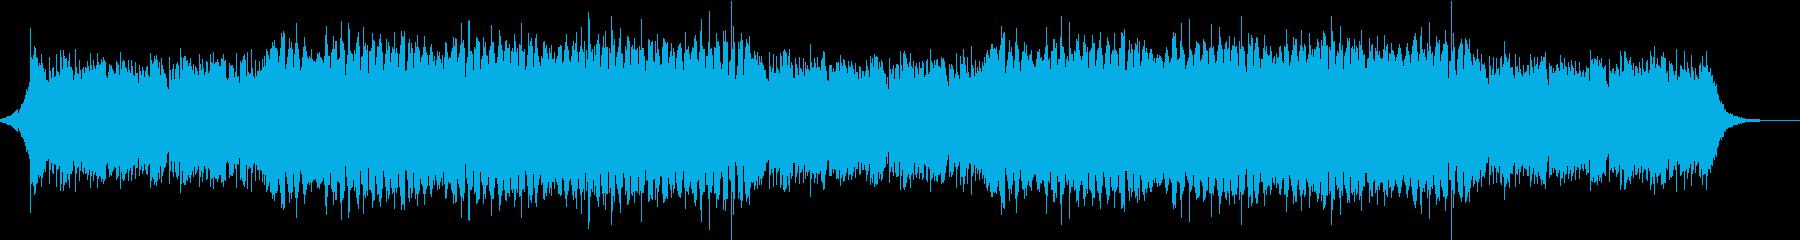 ピアノ・都会・感動的・明るいBGMの再生済みの波形